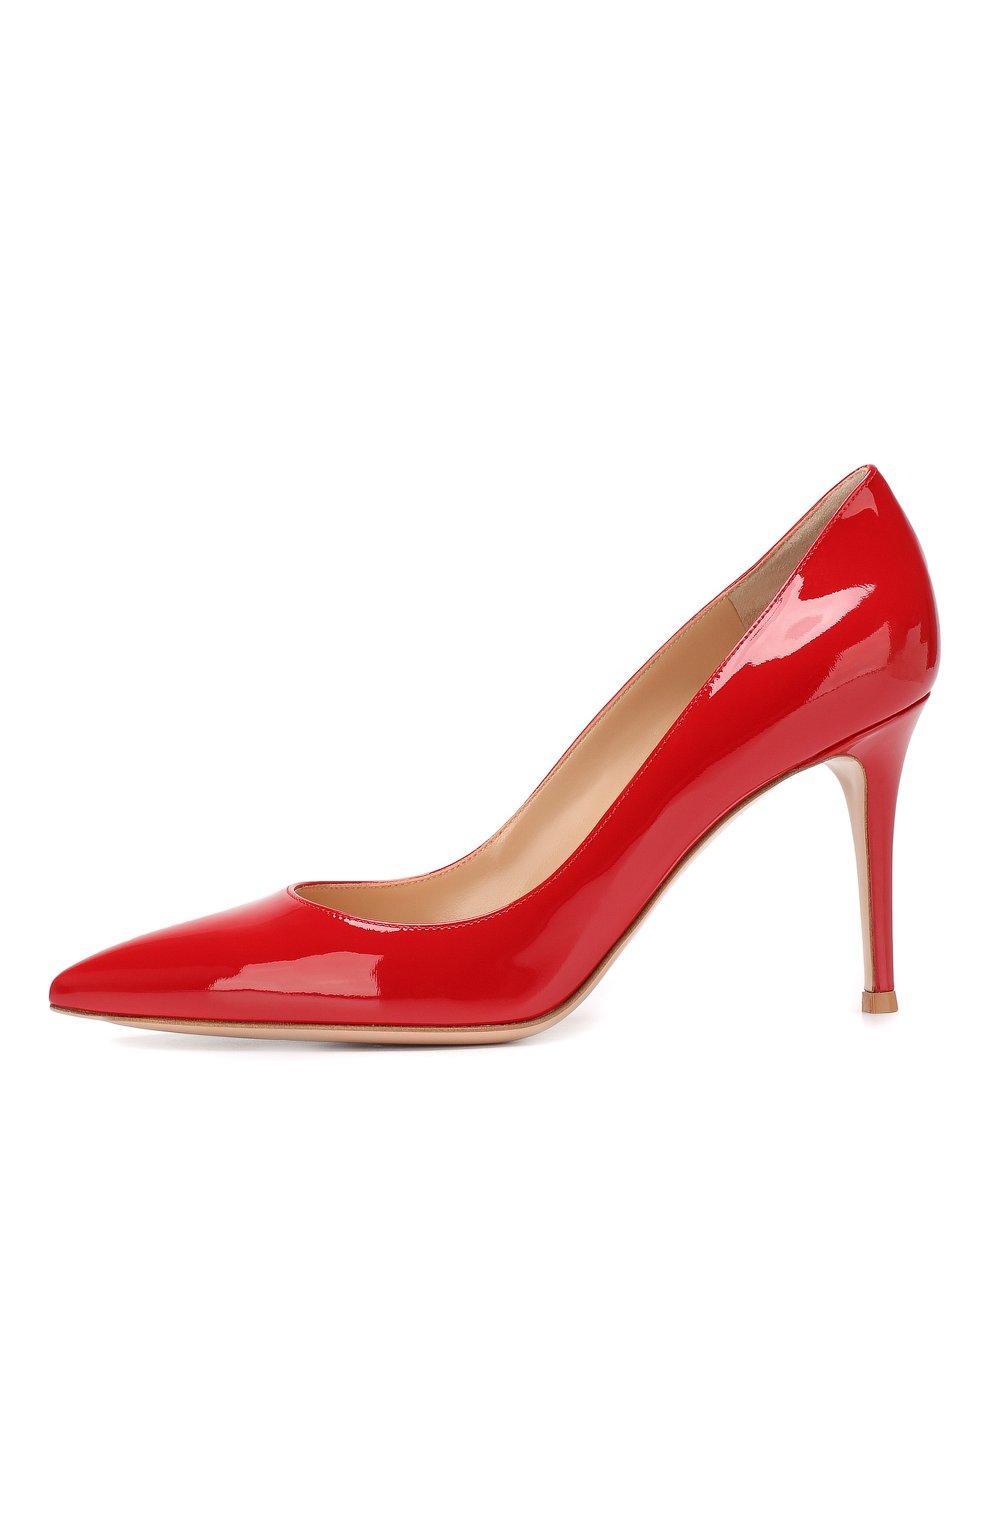 Женские кожаные туфли gianvito 85 GIANVITO ROSSI красного цвета, арт. G24580.85RIC.VER   Фото 3 (Каблук высота: Высокий; Каблук тип: Шпилька; Статус проверки: Проверено, Проверена категория; Подошва: Плоская)